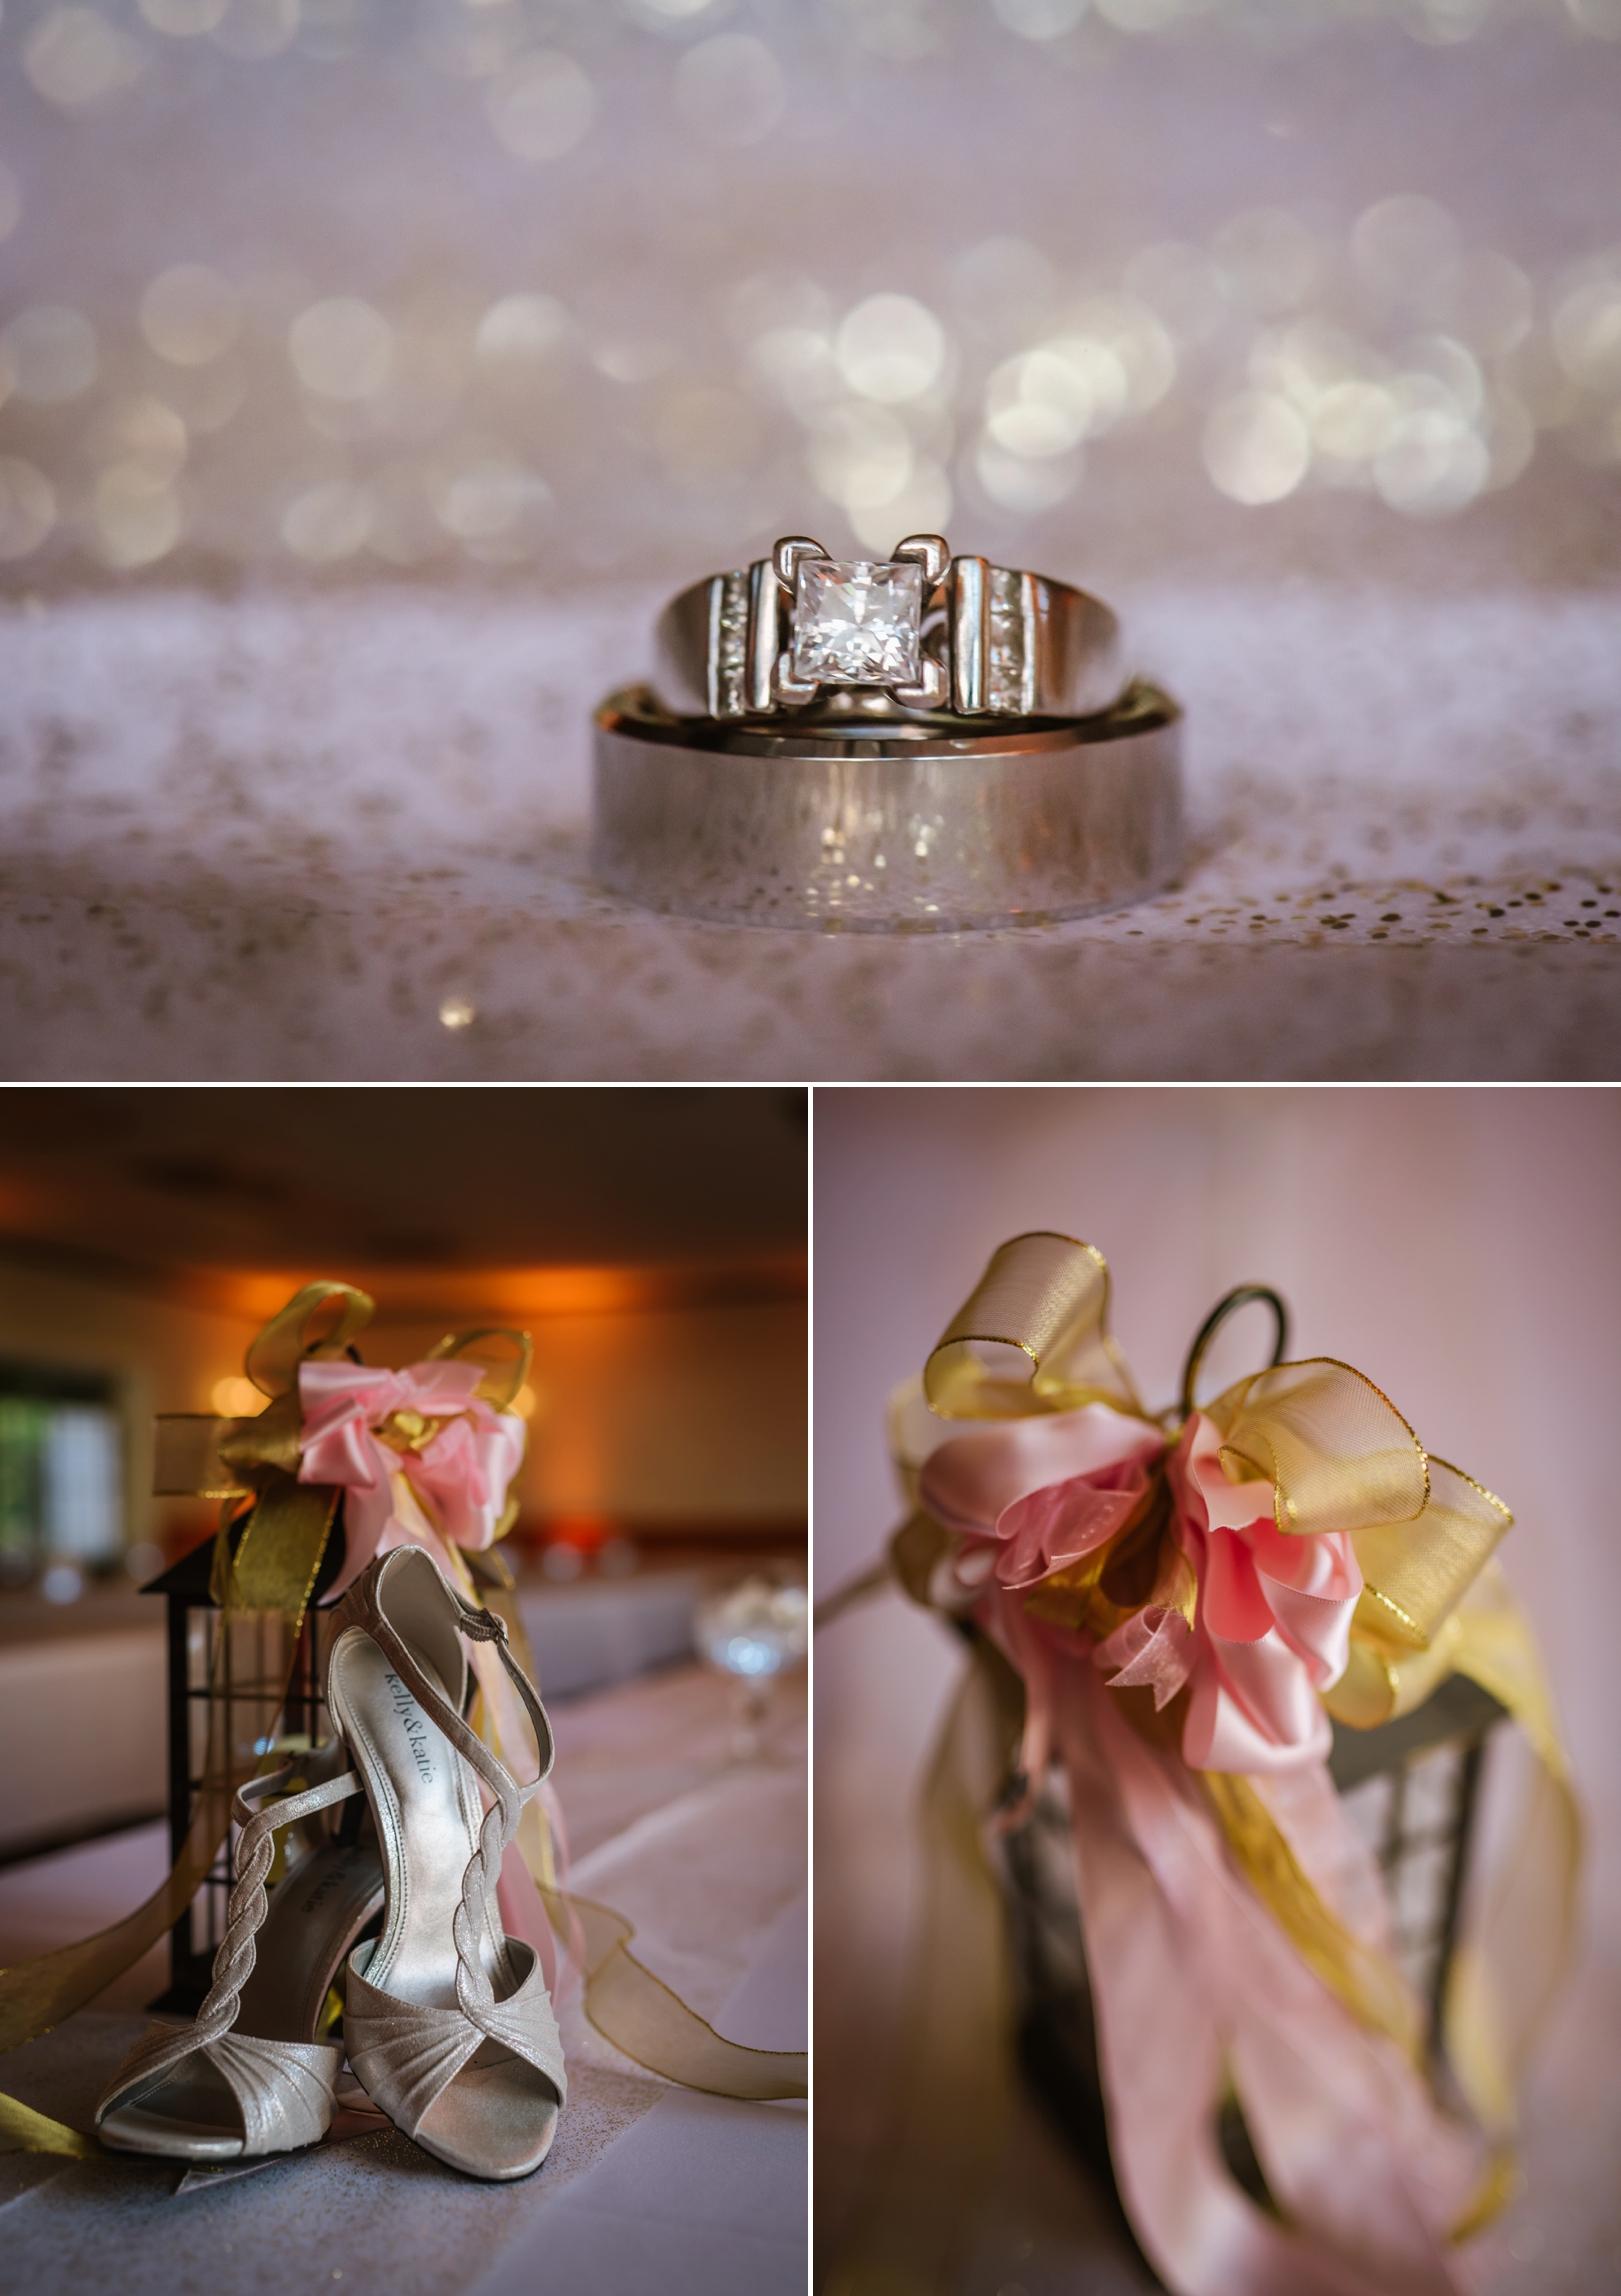 ashlee-hamon-photography-tampa-rustic-outdoor-traditional-wedding_0001.jpg